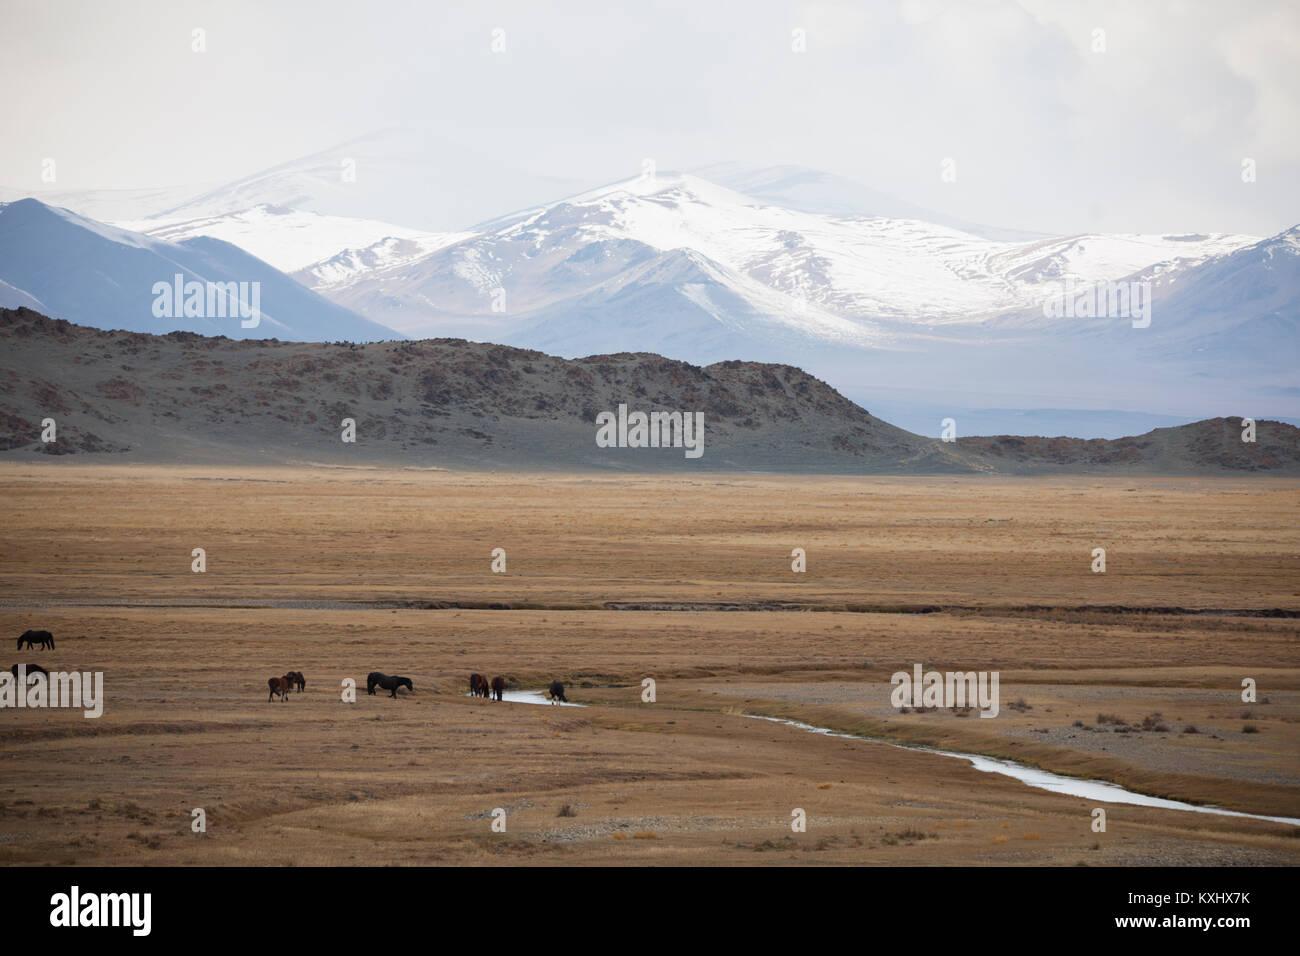 Mongolische Landschaft verschneite Berge Schnee Winter wilde Pferde trinken vom Fluss der Mongolei Stockbild